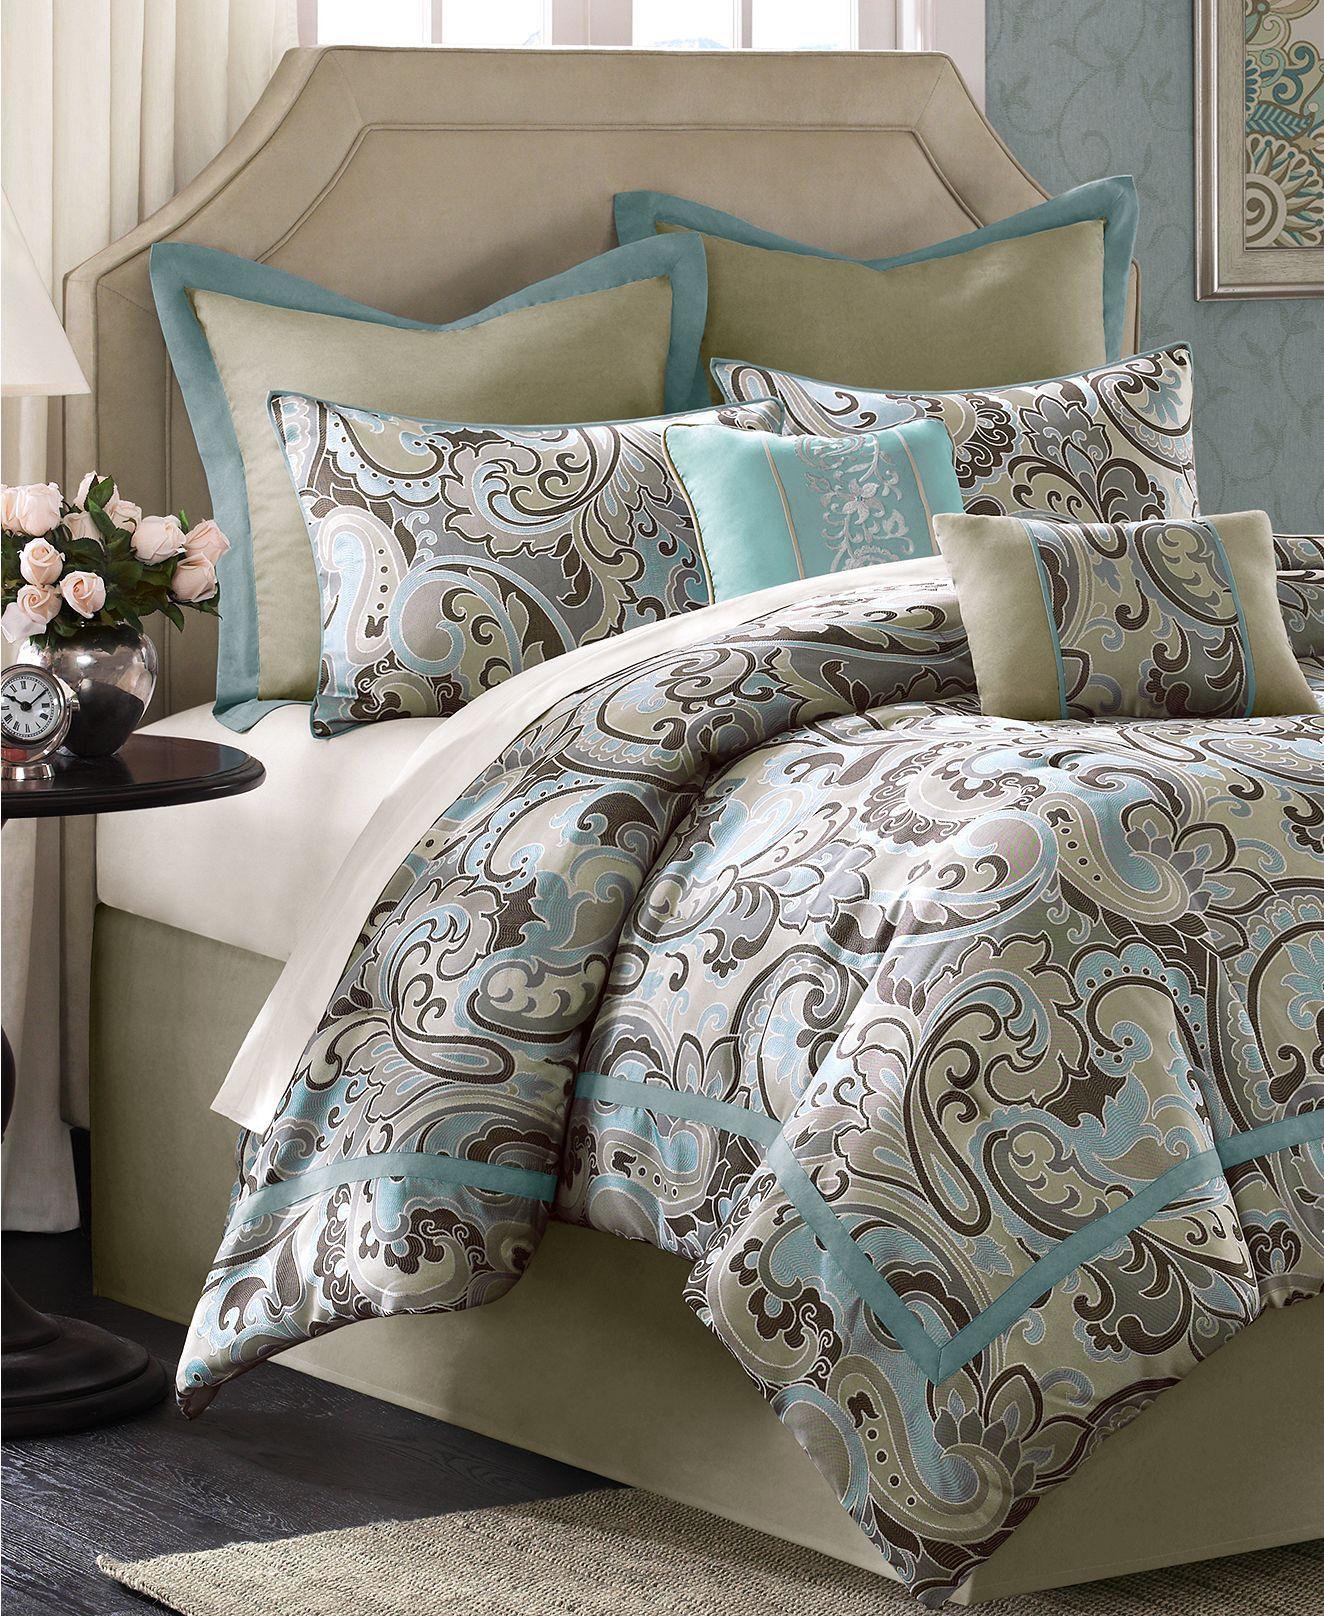 Best Kensington 8 Piece Comforter Set Bed In A Bag Bed 400 x 300